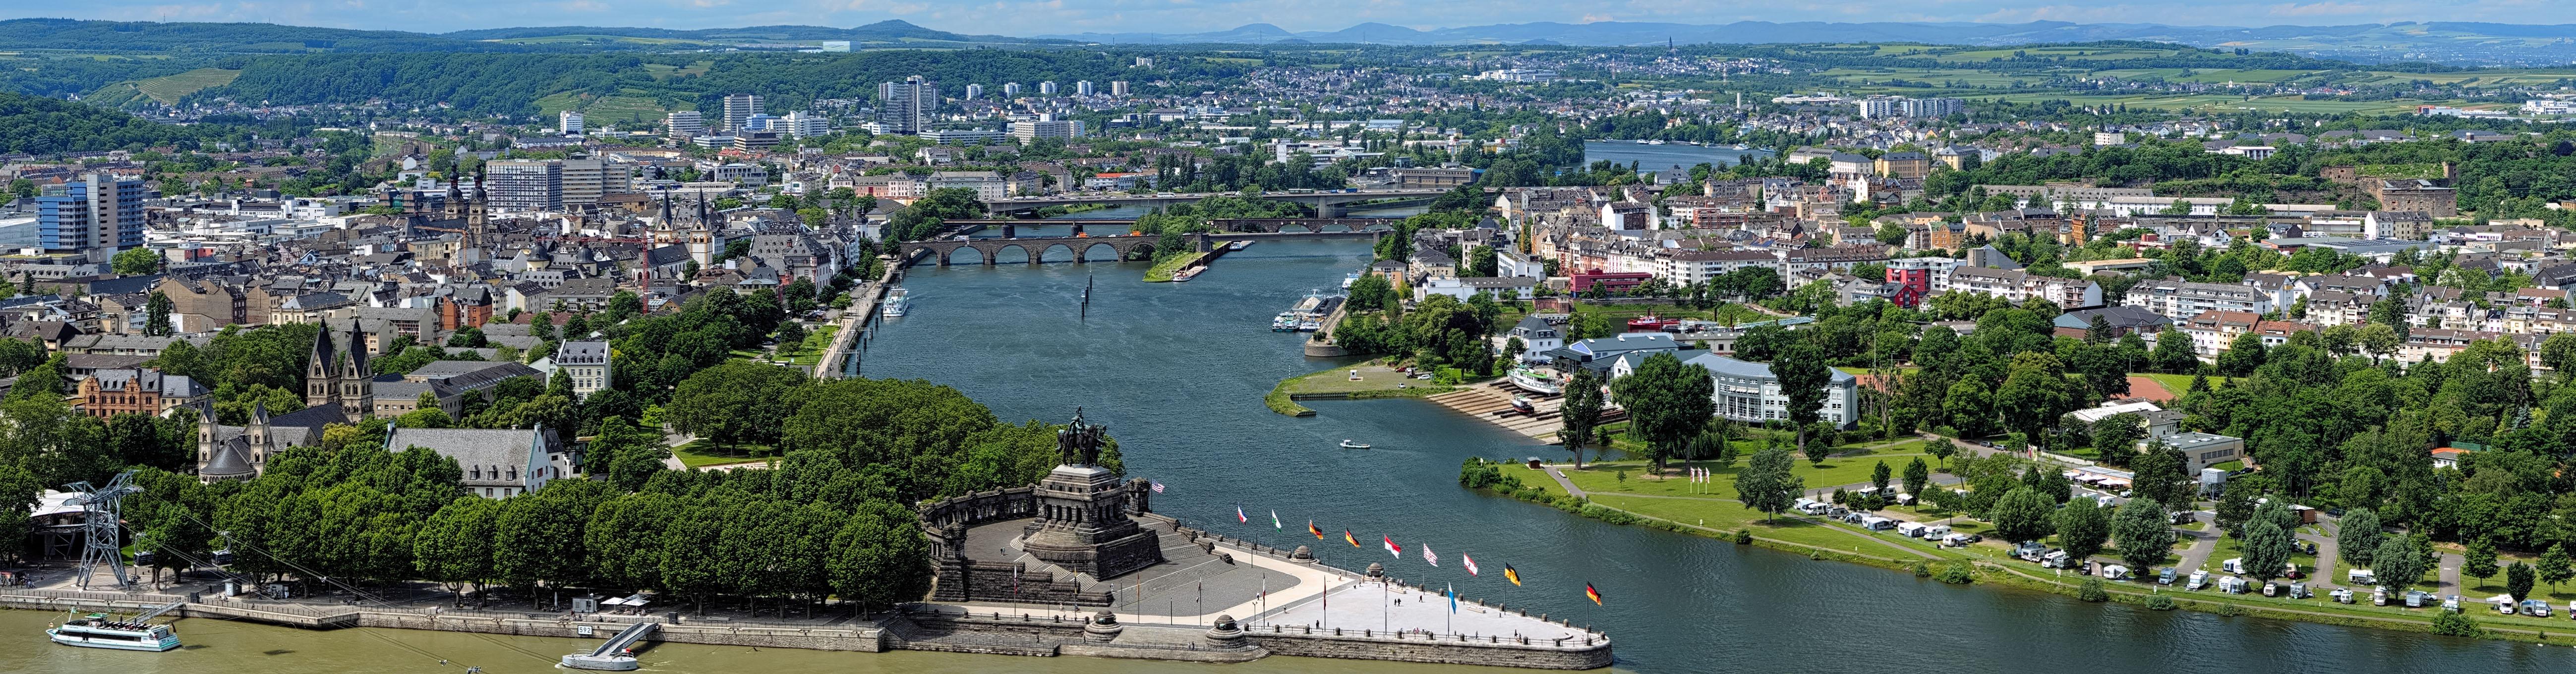 PLZ Koblenz